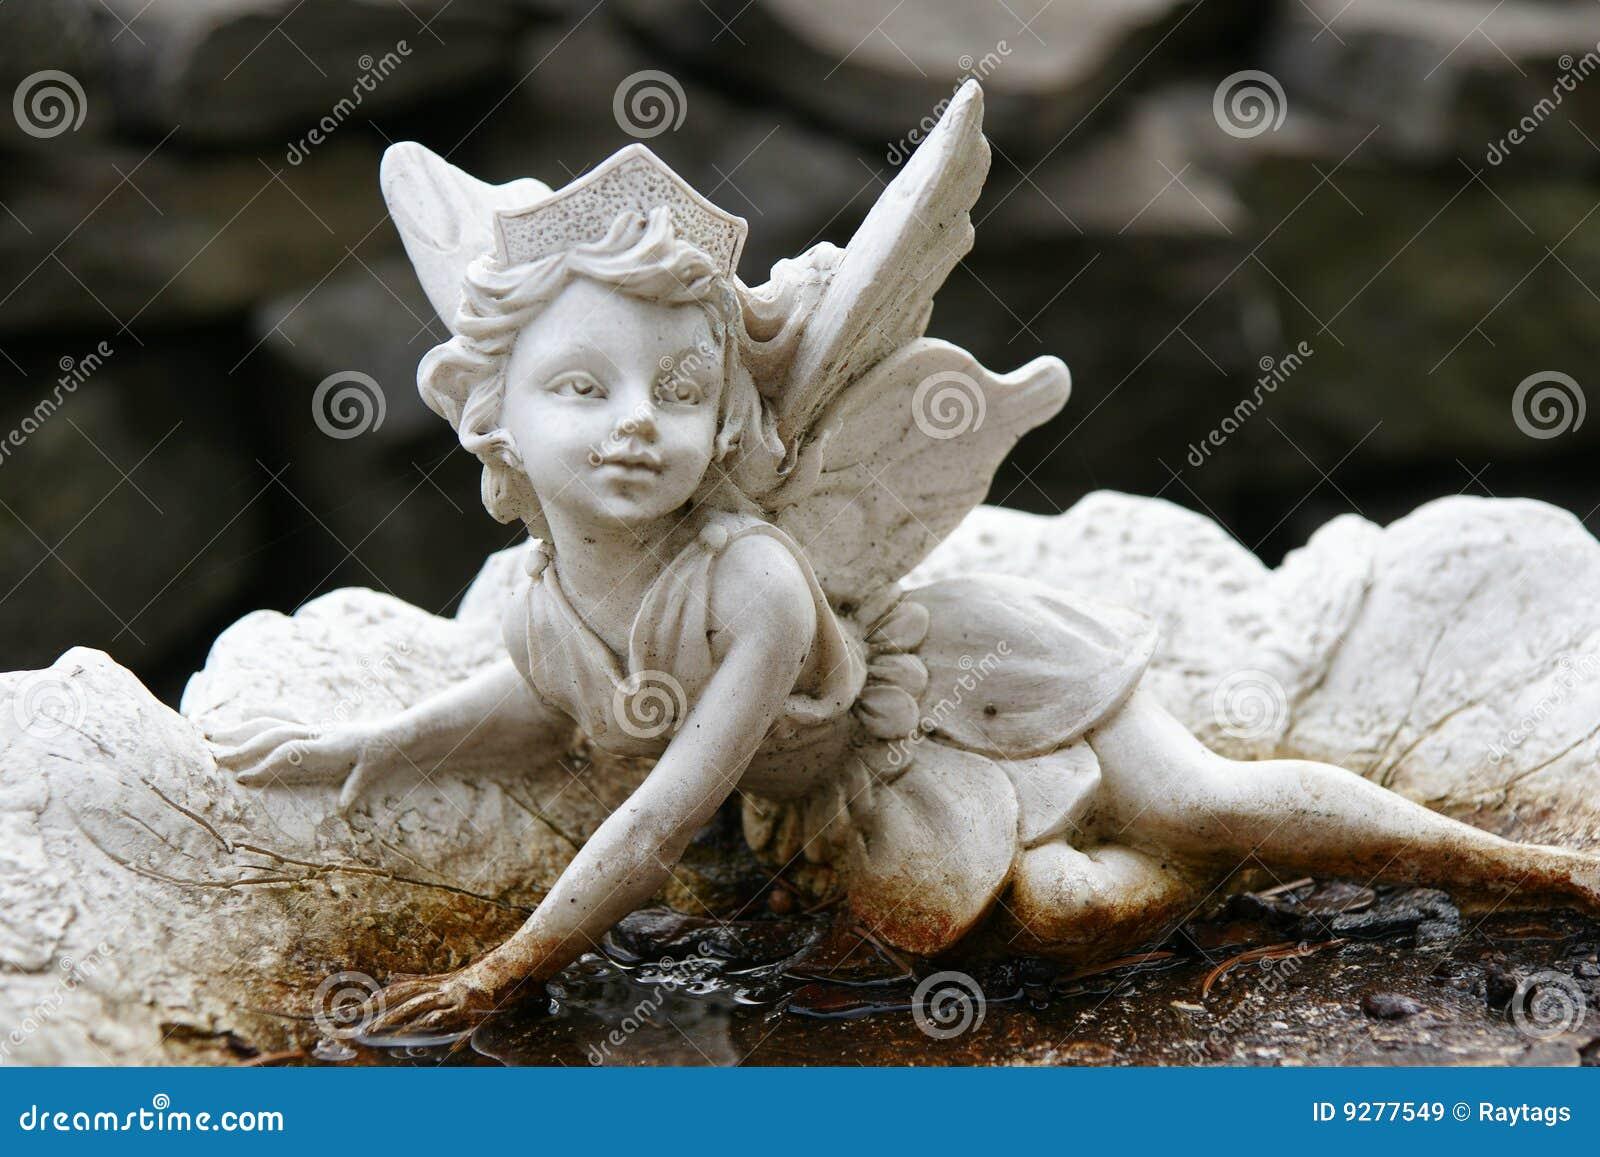 Statue de cupidon images libres de droits image 9277549 - Image de cupidon gratuite ...